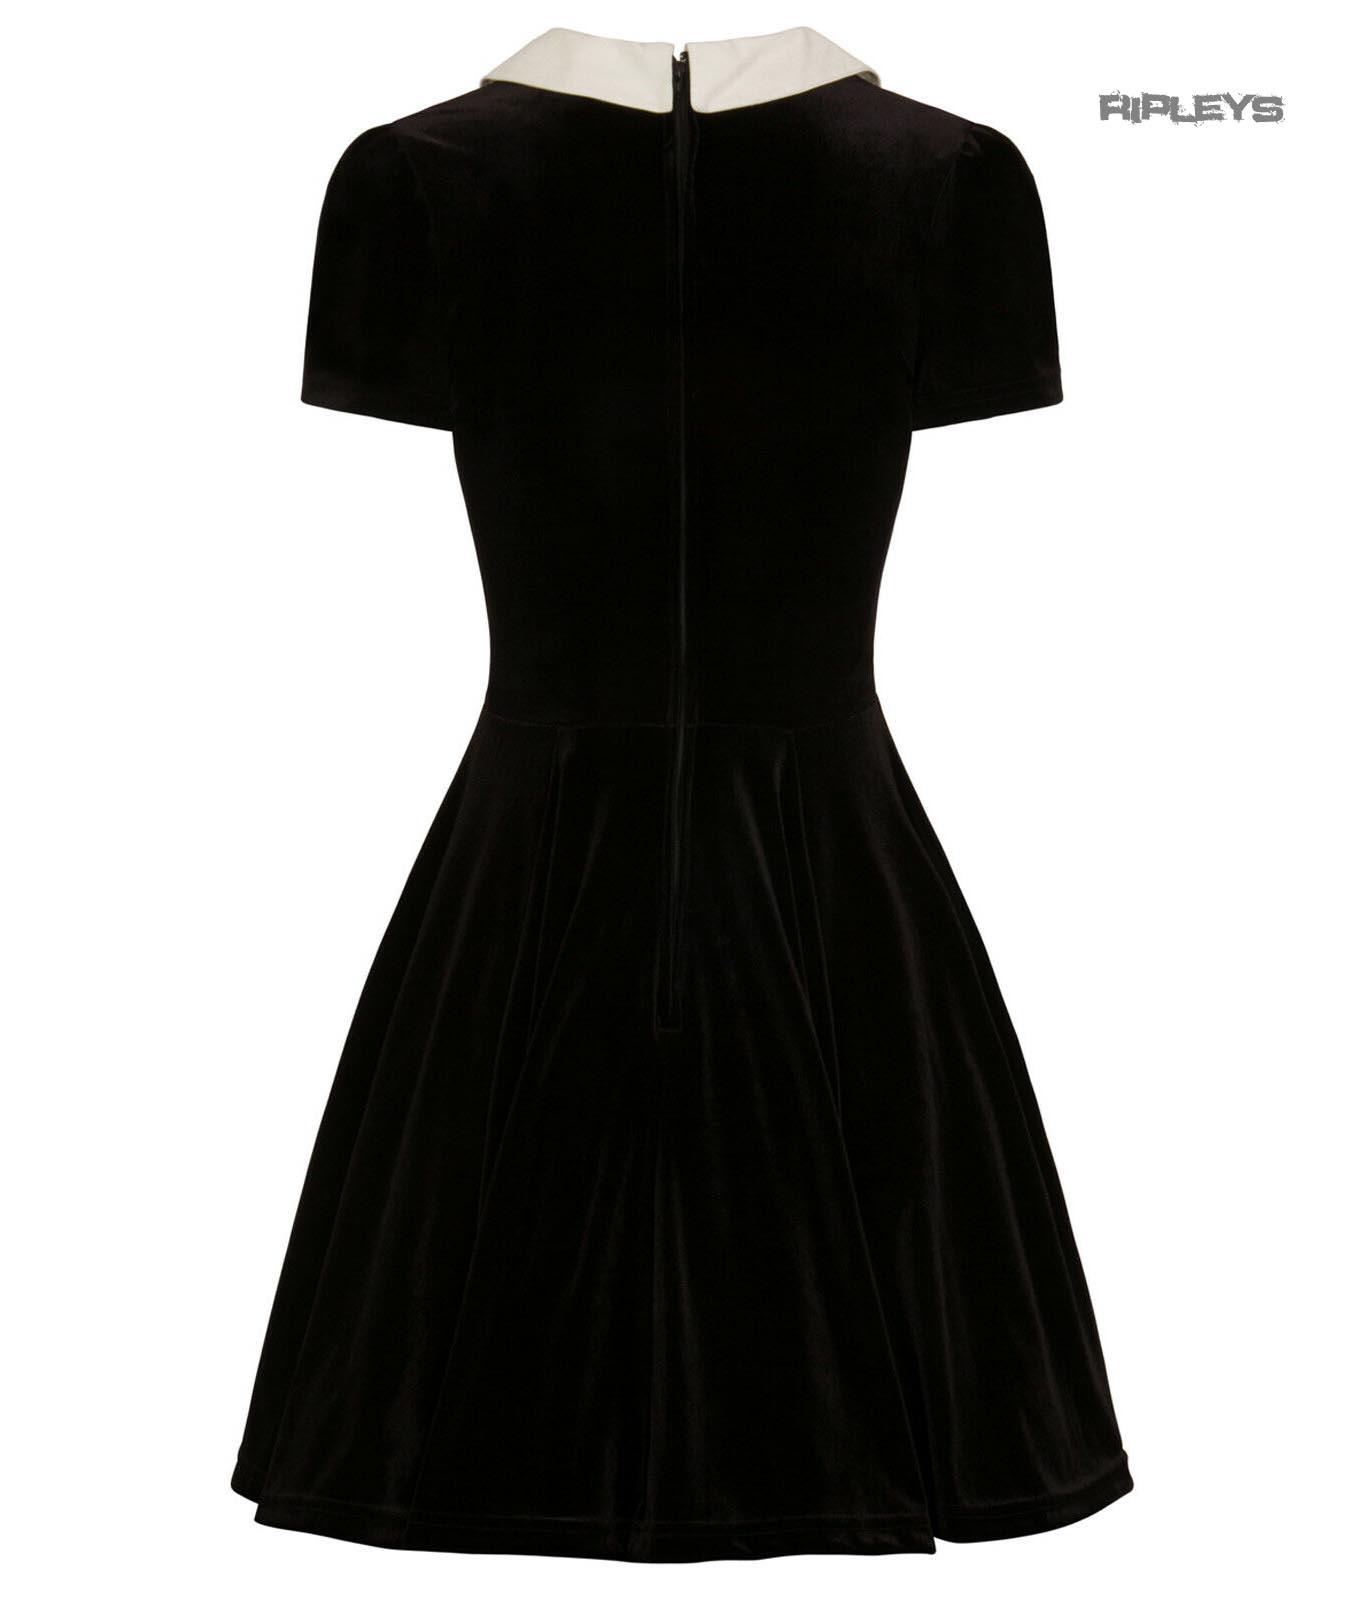 Hell-Bunny-Goth-Mini-Skater-Dress-NIGHTSHADE-Poison-Cherry-Black-Velvet-All-Size thumbnail 8